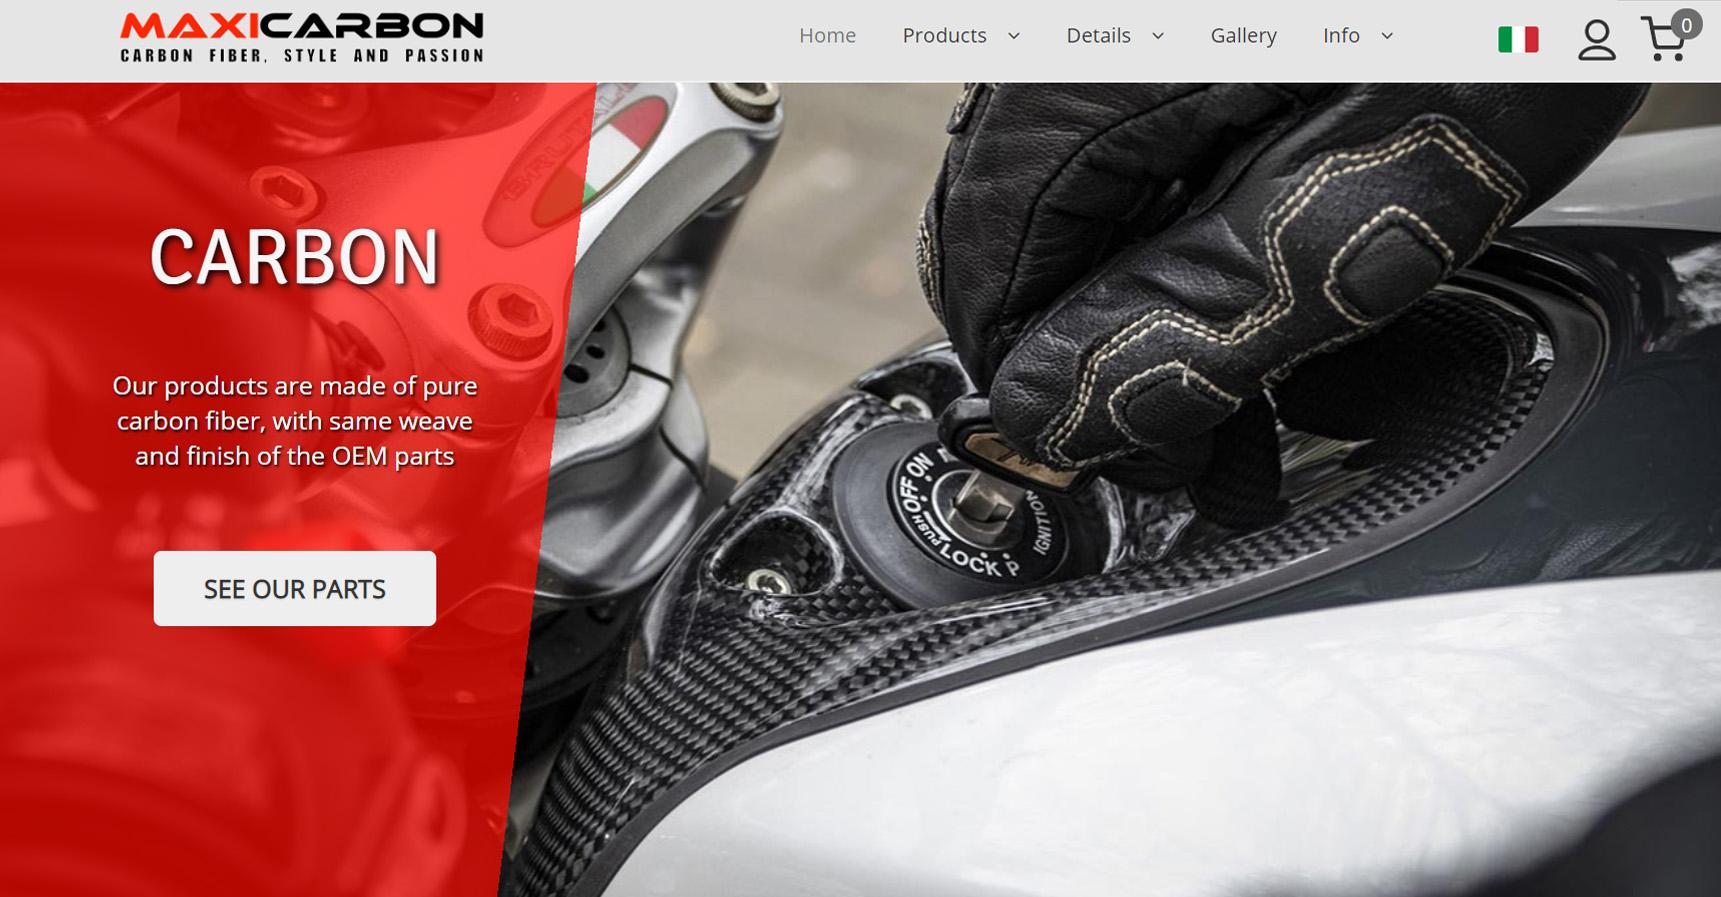 www.maxicarbon.com